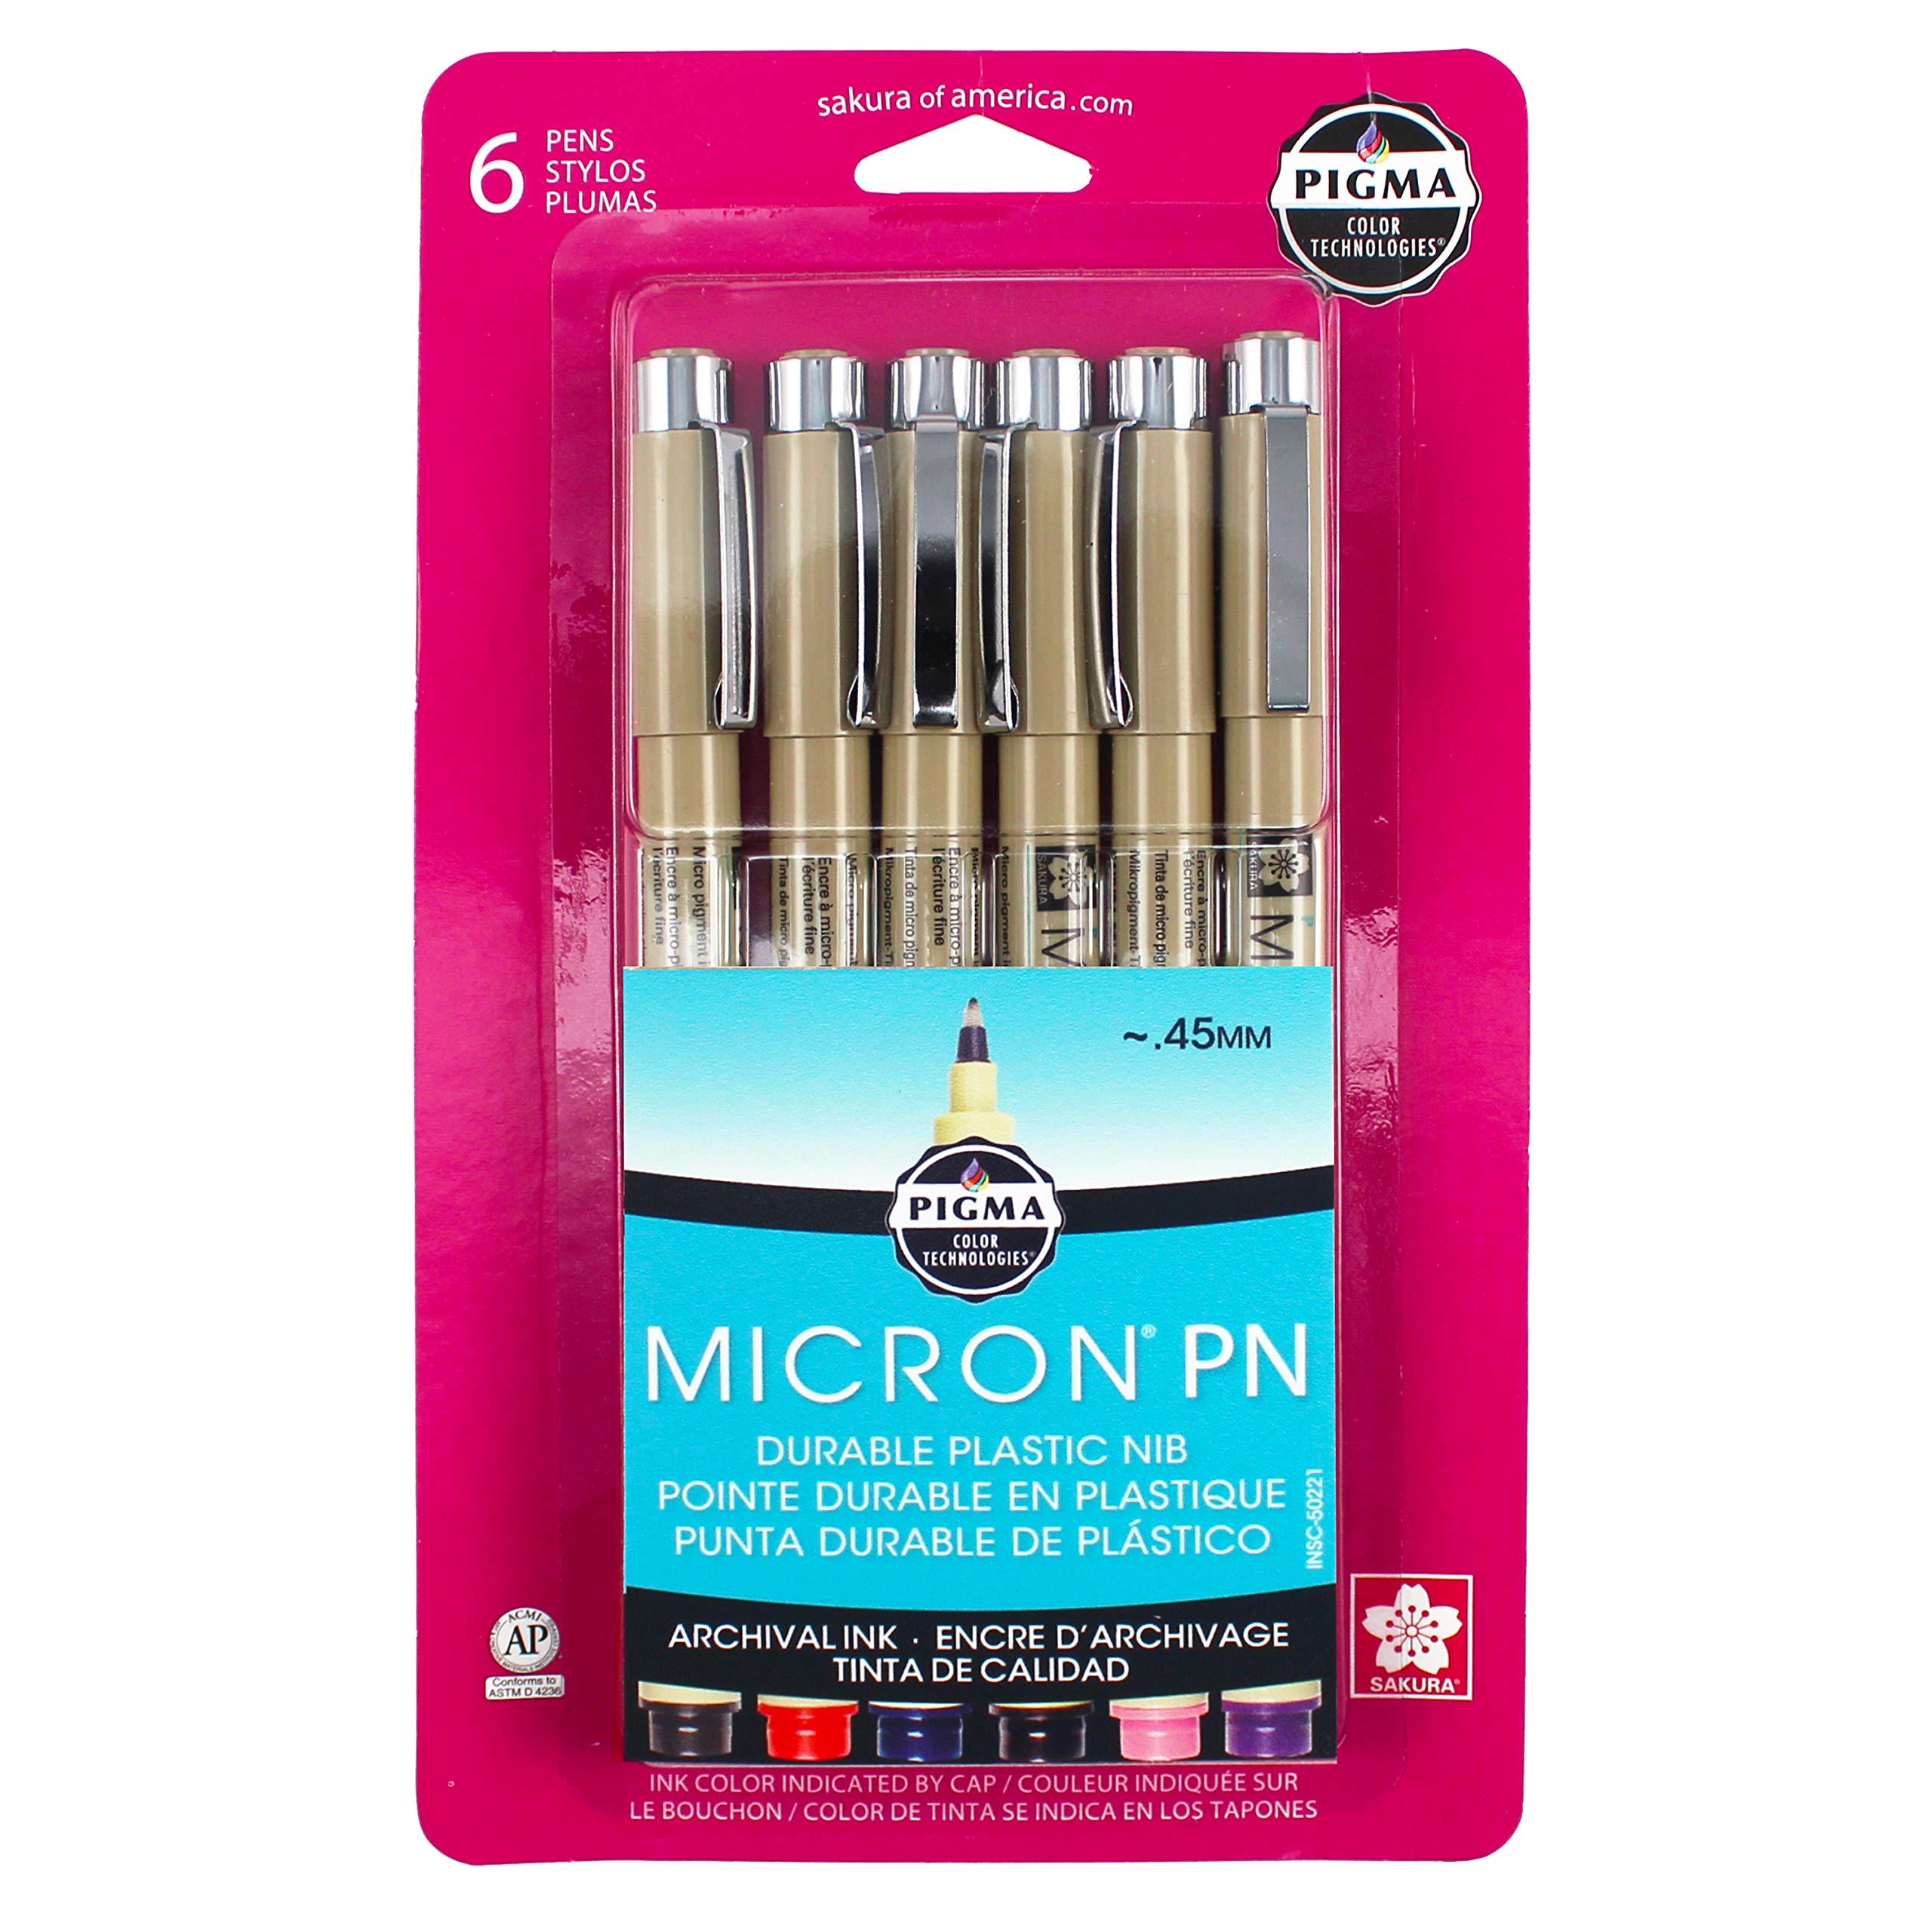 Sakura Pigma 50221 Micron Blister Card Ink Pen Set, Ass't Colors, PN 6CT